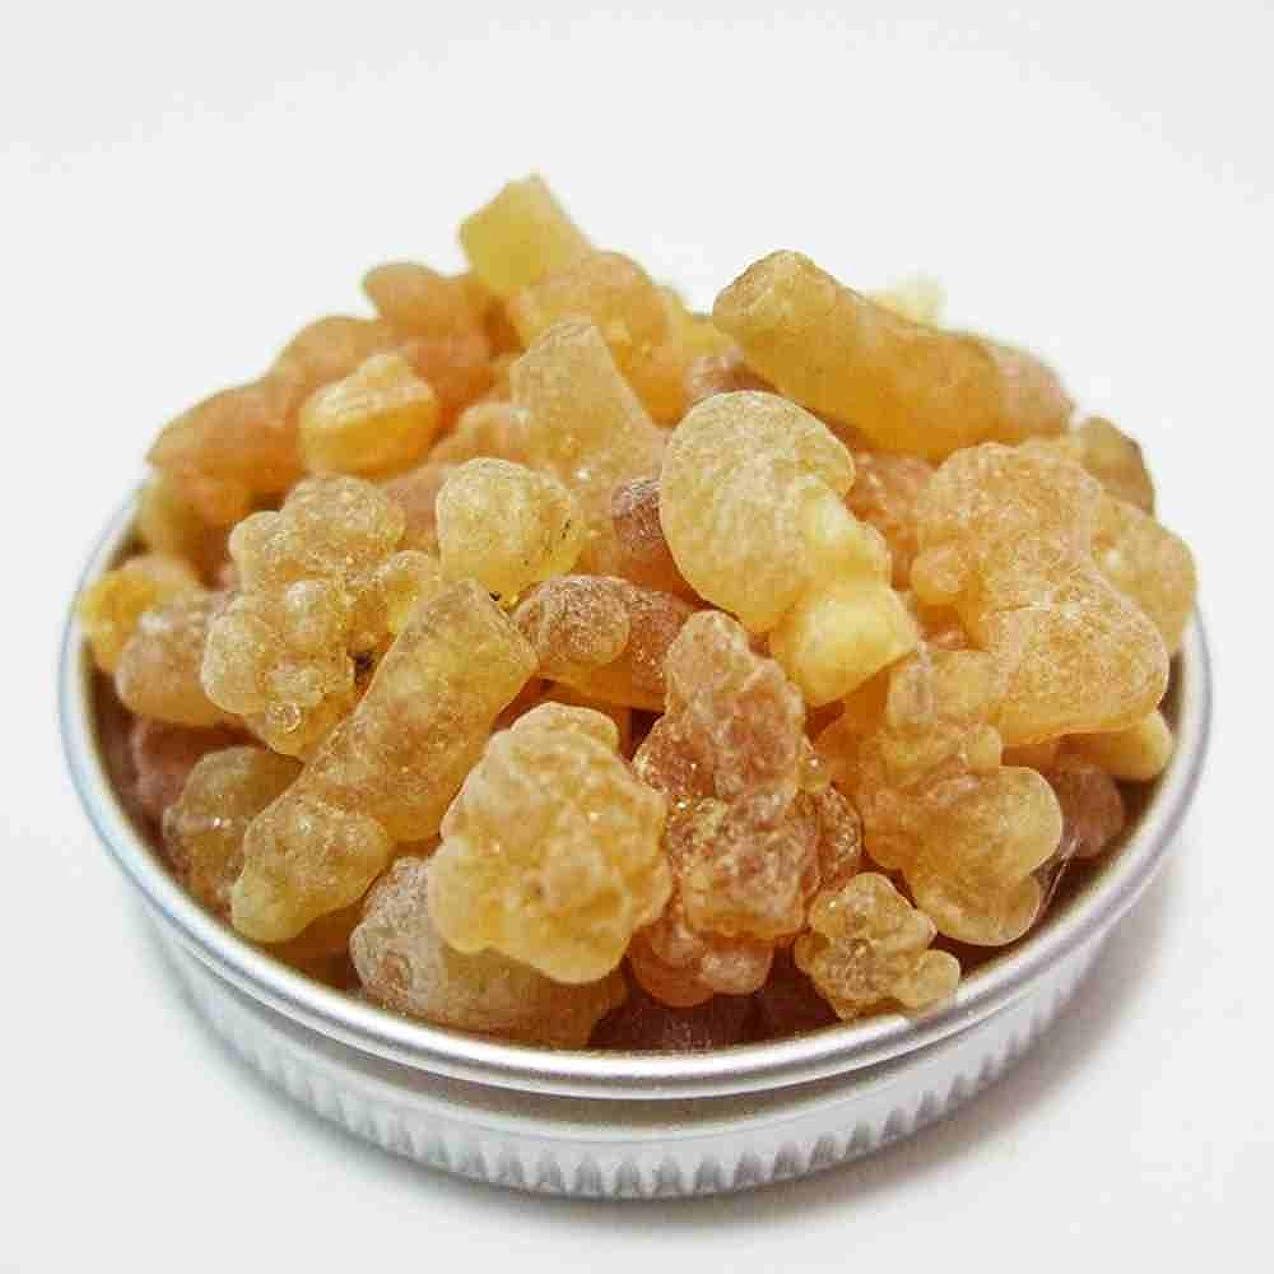 慣れる冗長単語フランキンセンス Frsnkincense (乳香) 天然樹脂香 フランキンセンス(乳香), 1 Ounce (28 g)